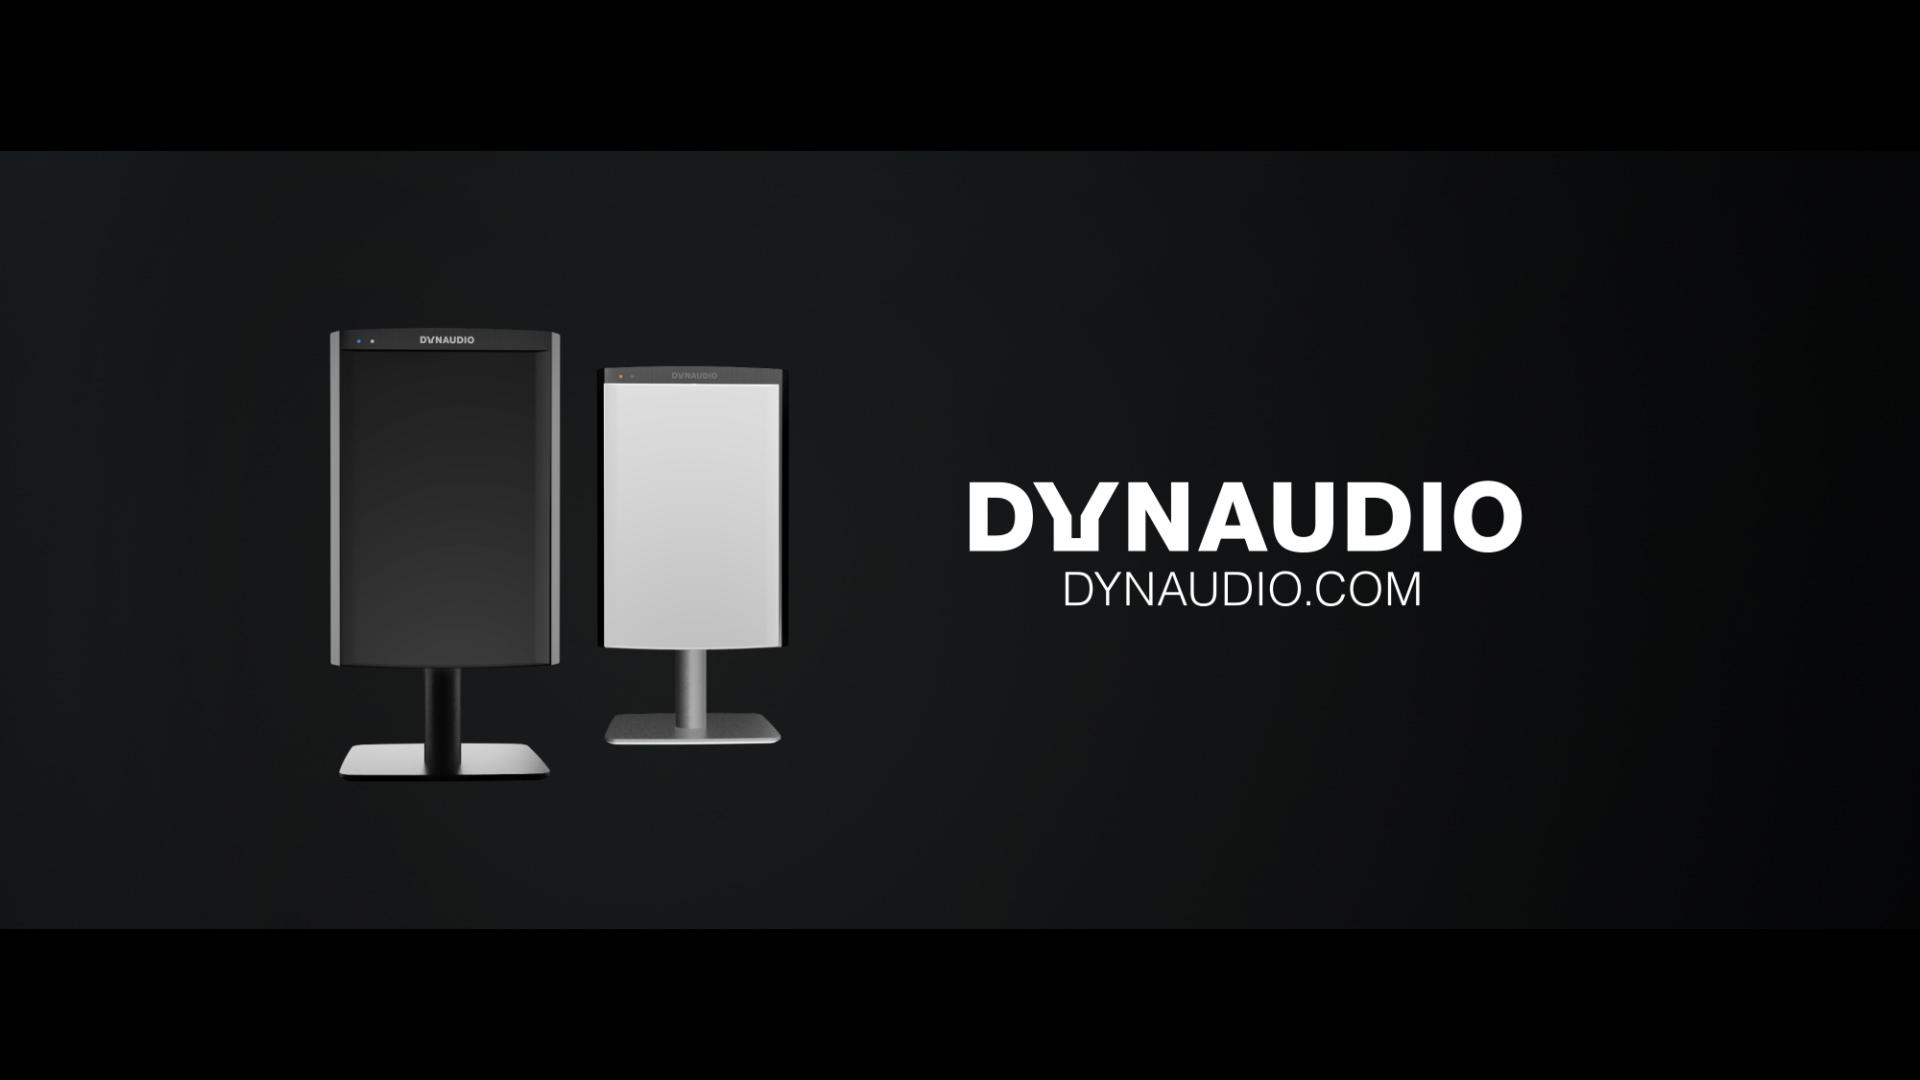 DynAudio_Xeo2_Produktfilm_2015_15_48s_UK_40562.mov.00_00_46_24.Still009